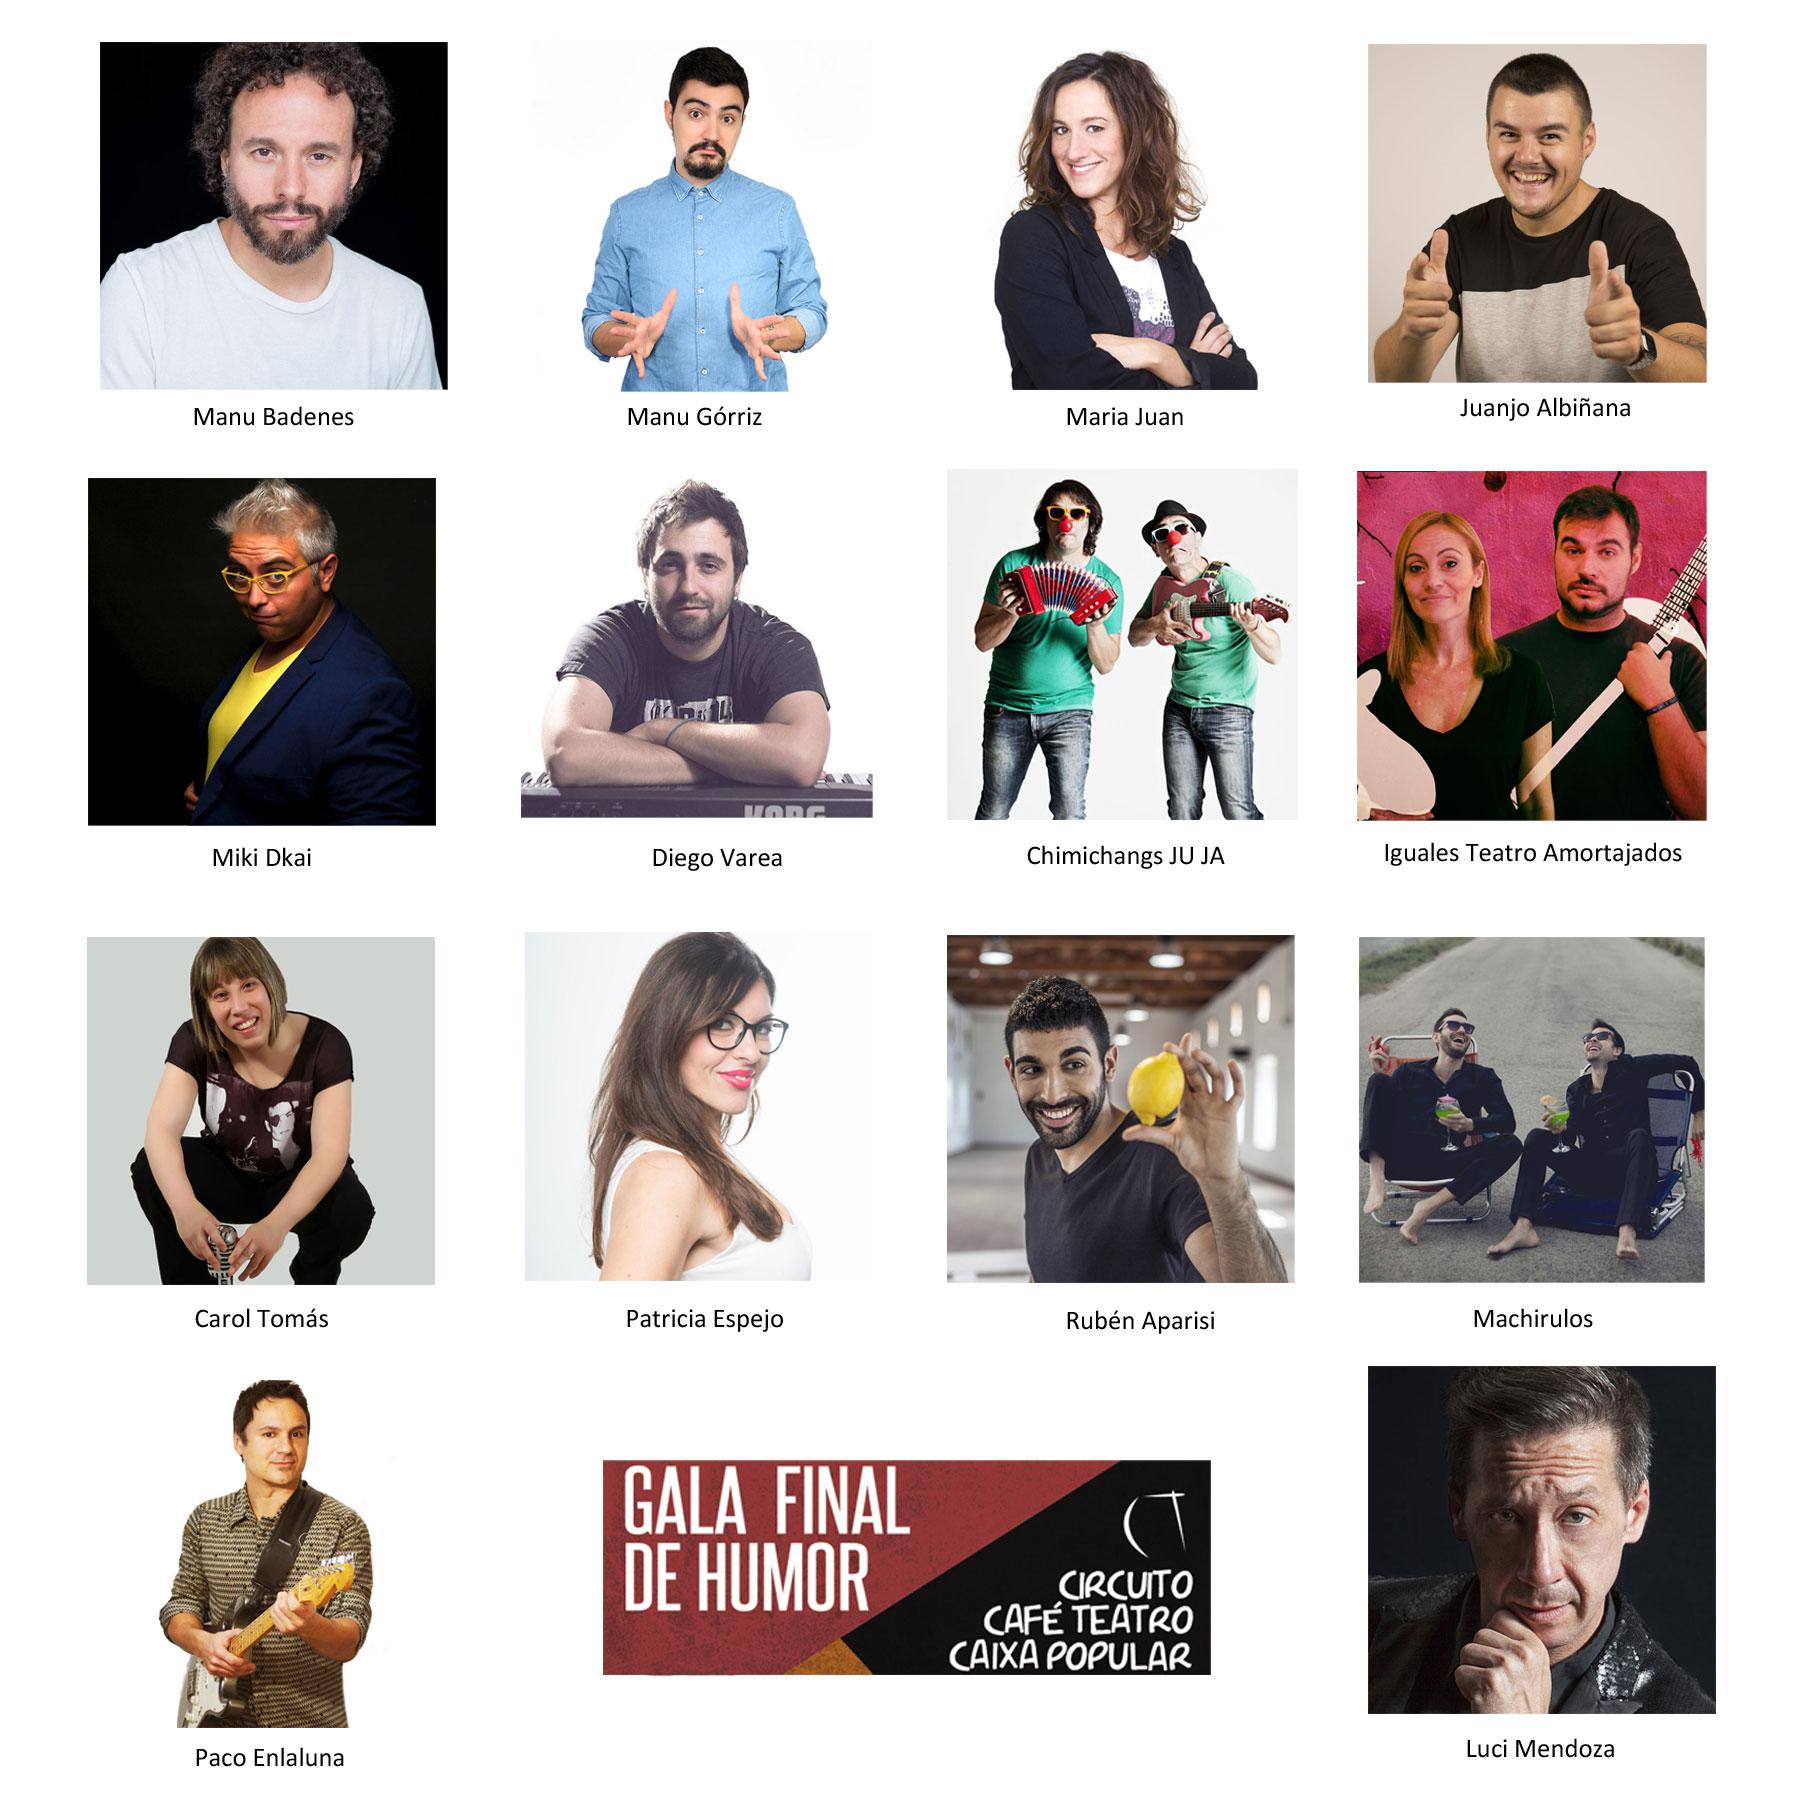 GALA FINAL DE HUMOR DEL CIRCUITO CAFÉ TEATRO CAIXA POPULAR